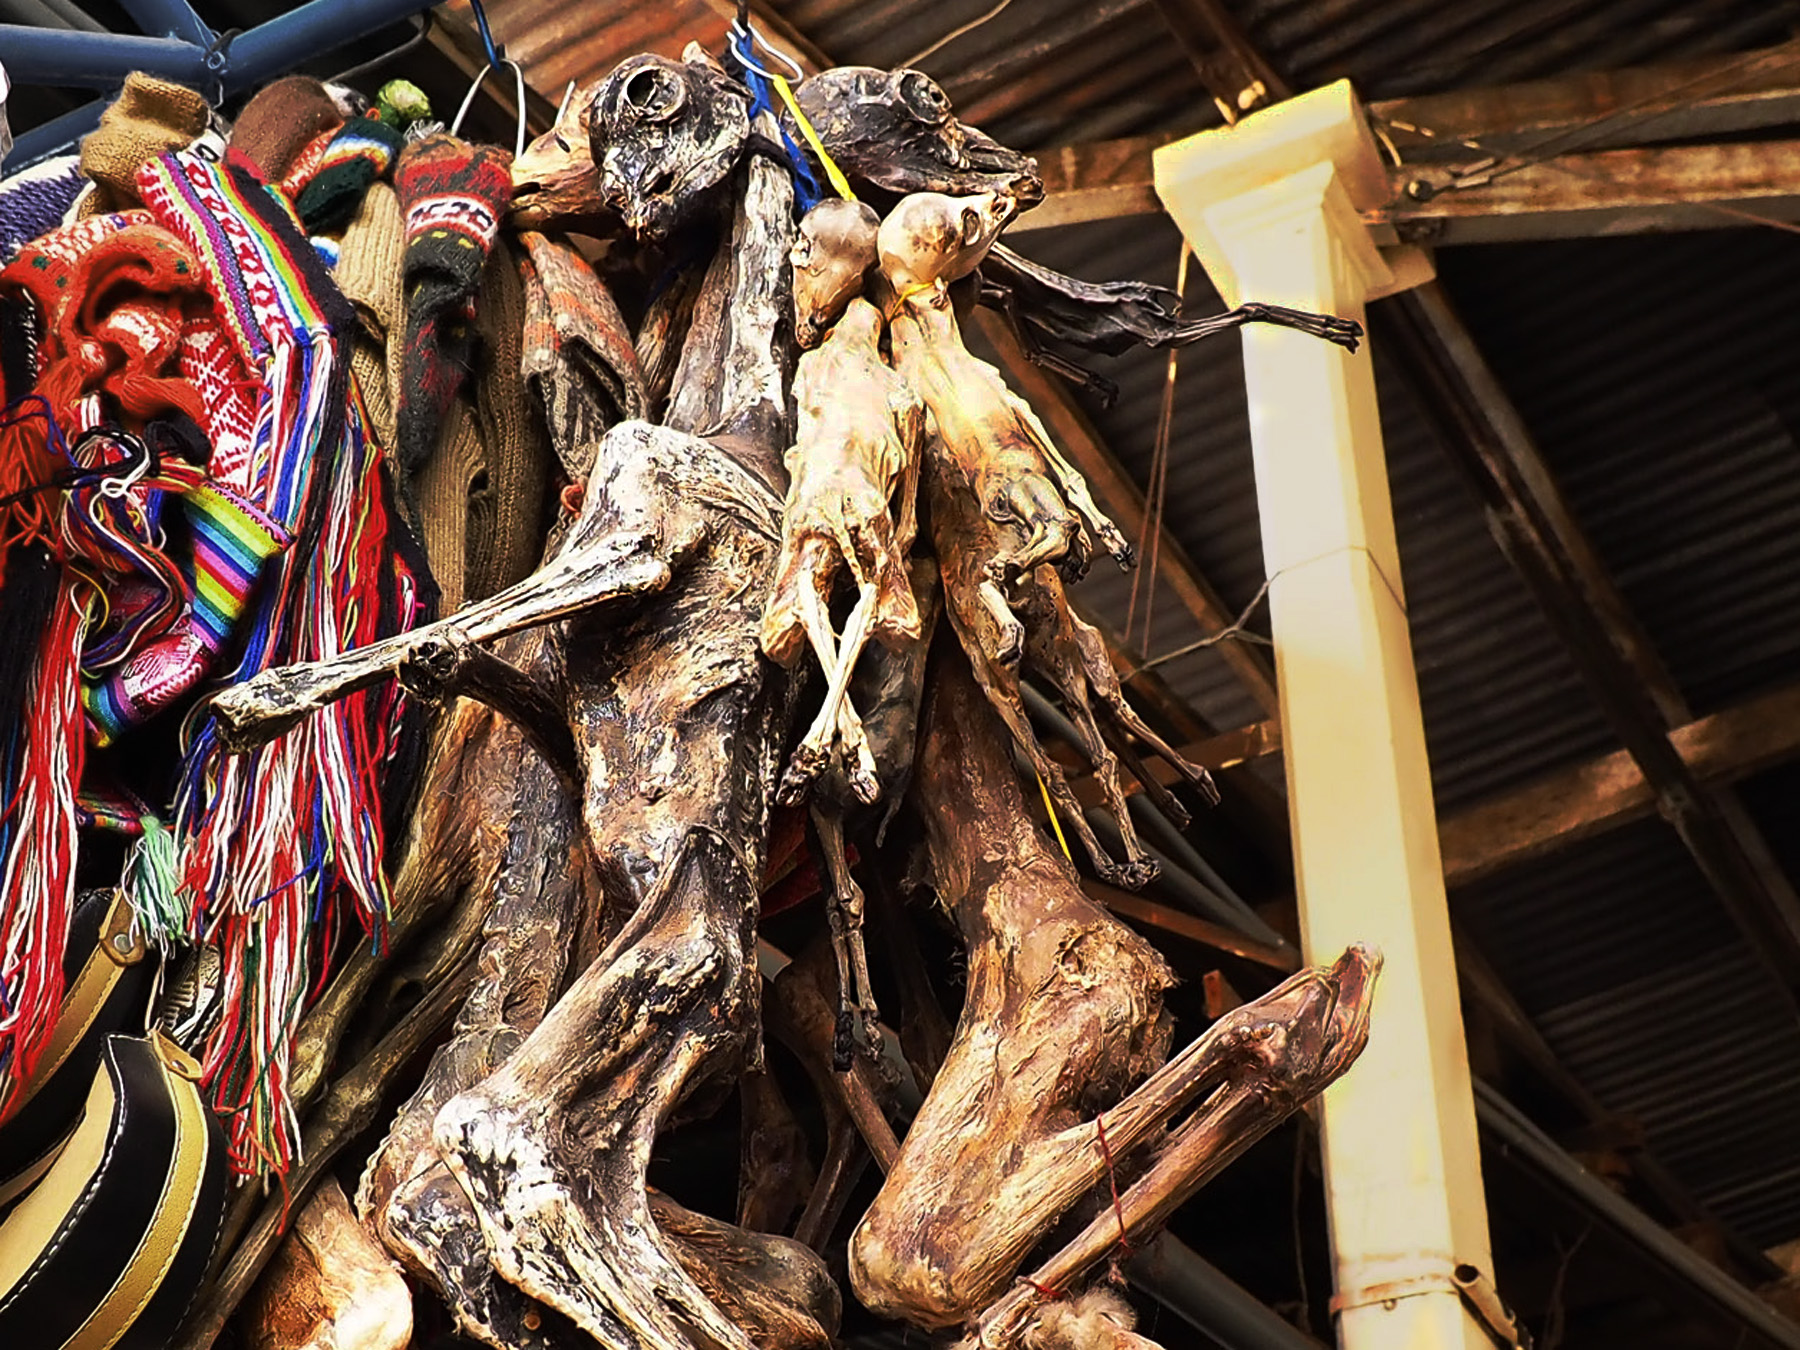 Getrocknete Lama-Embryos auf dem Markt, die für alte Rituale benutzt werden